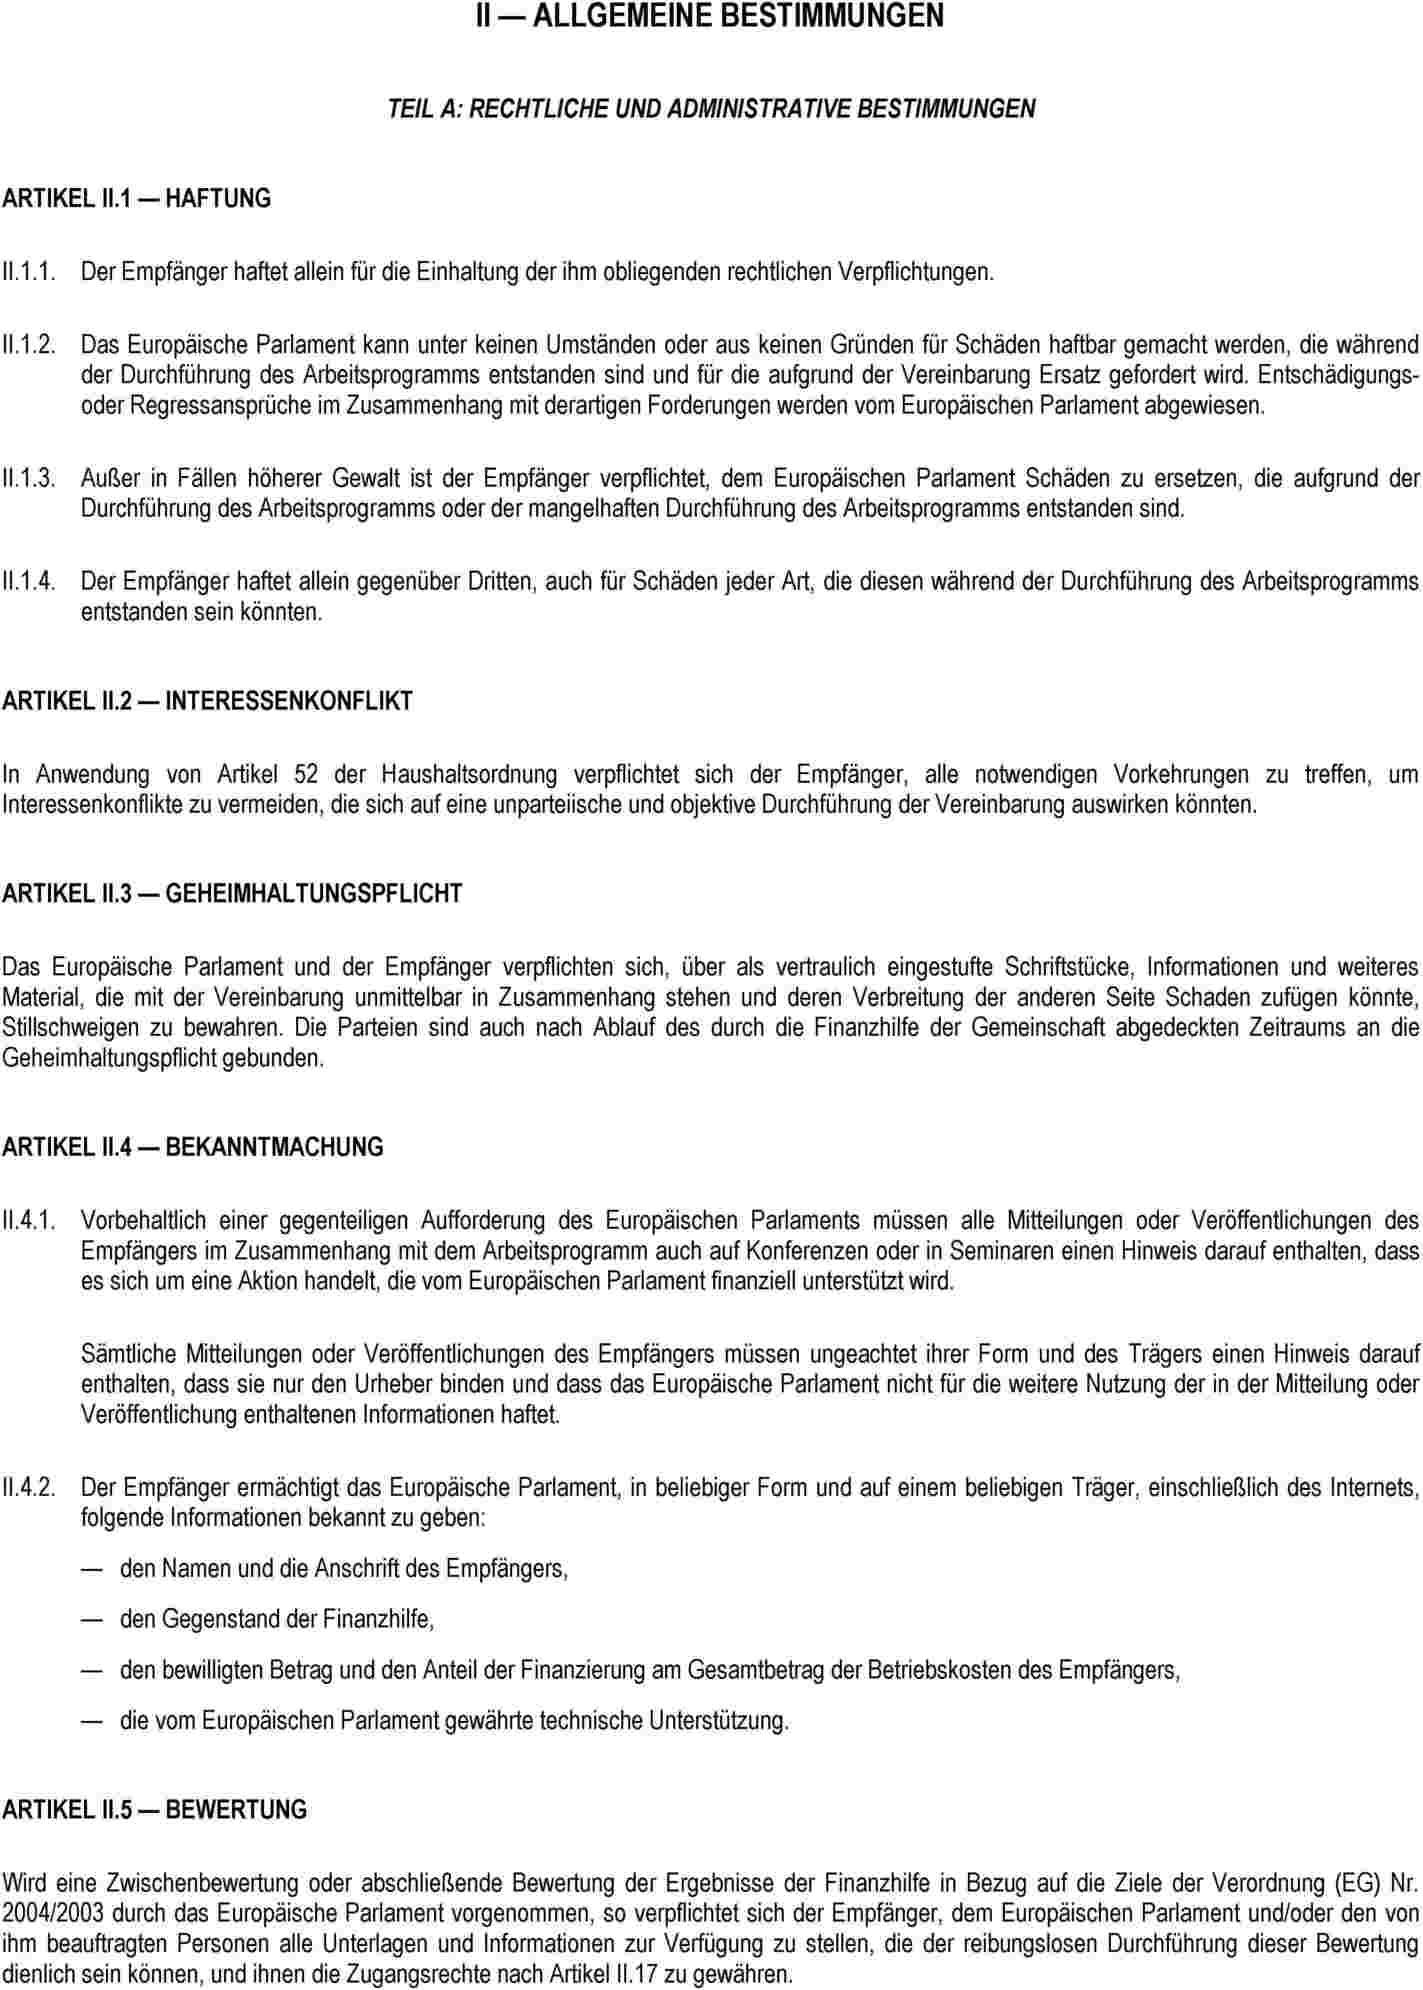 EUR-Lex - 32006D0628(01) - EN - EUR-Lex